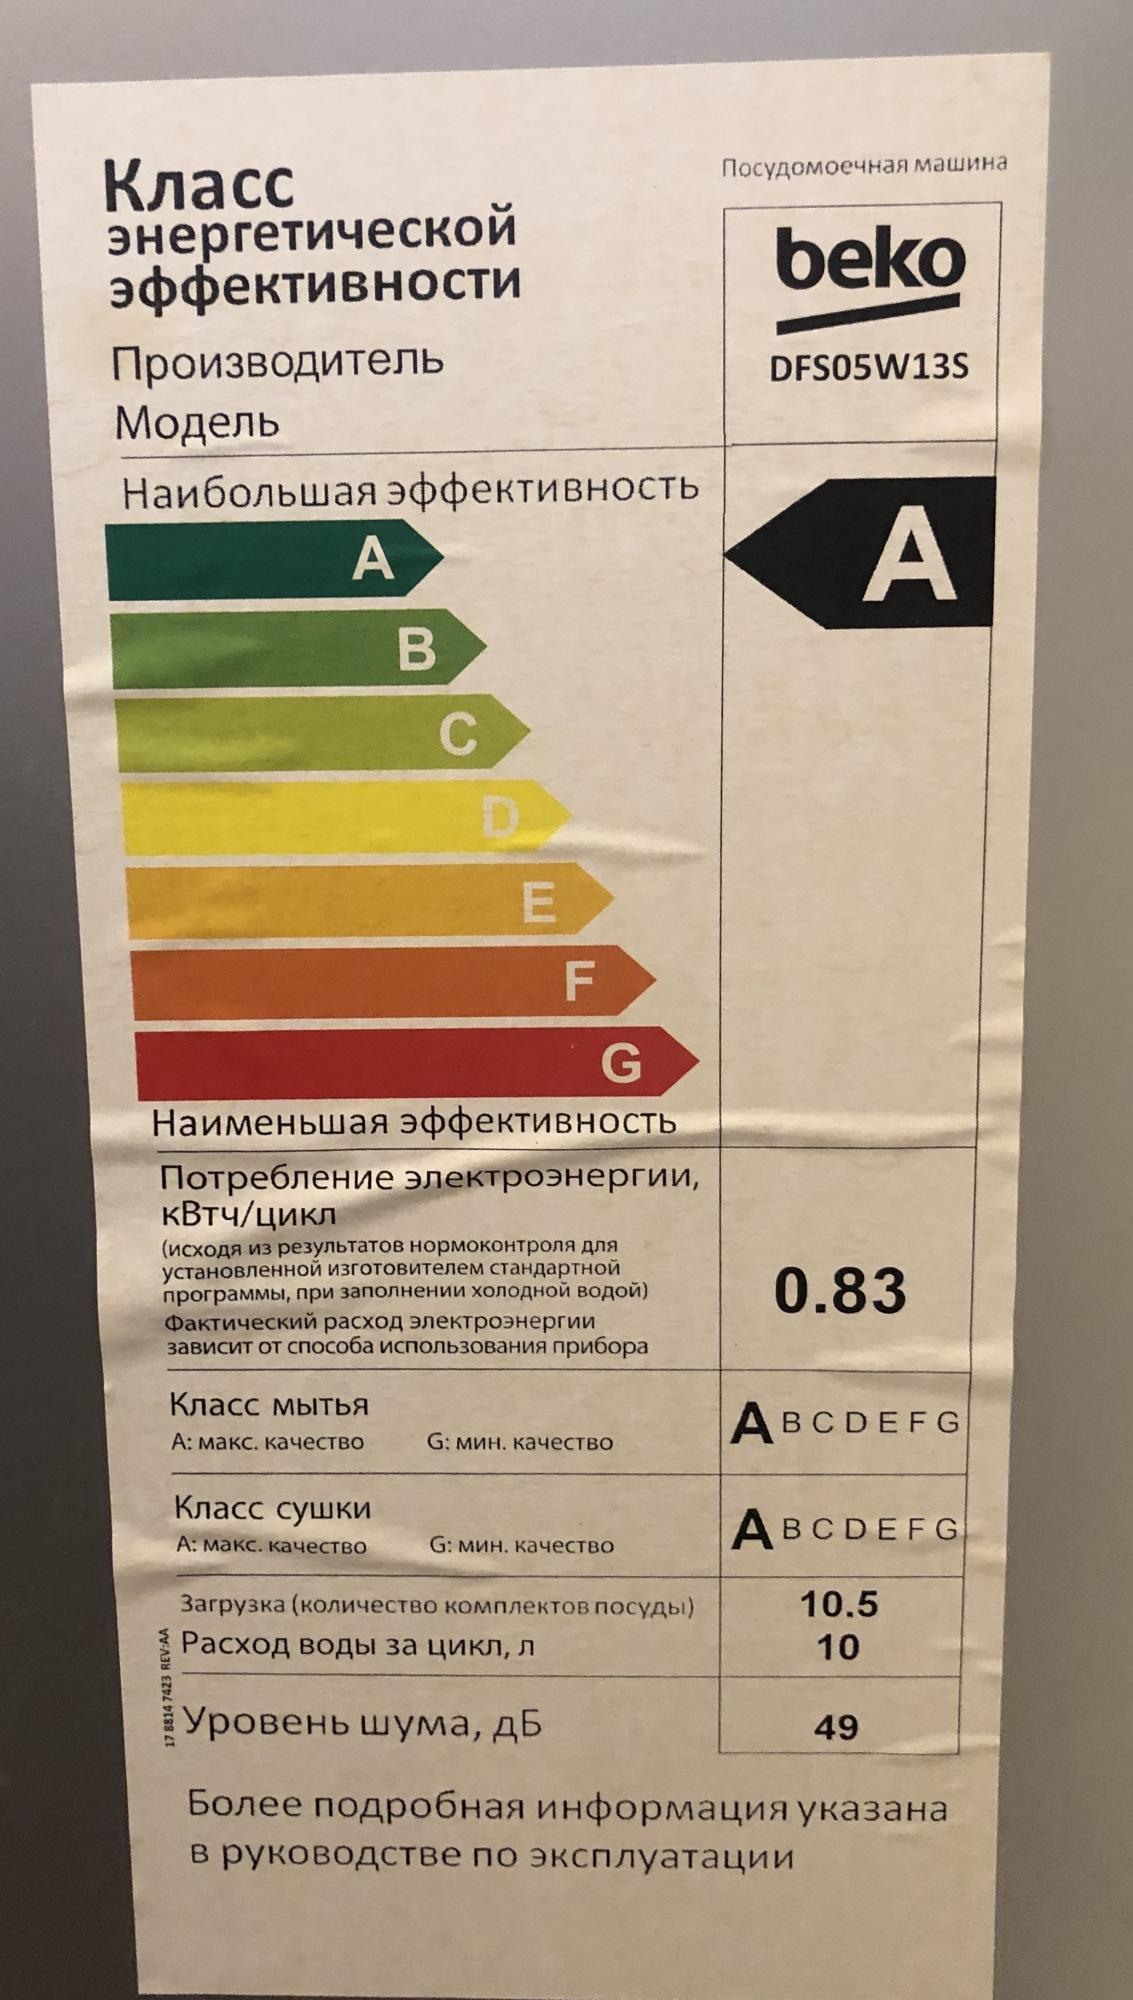 Посудомоечная машина Beko DFS05W13S в Павловской Слободе 89253690157 купить 4